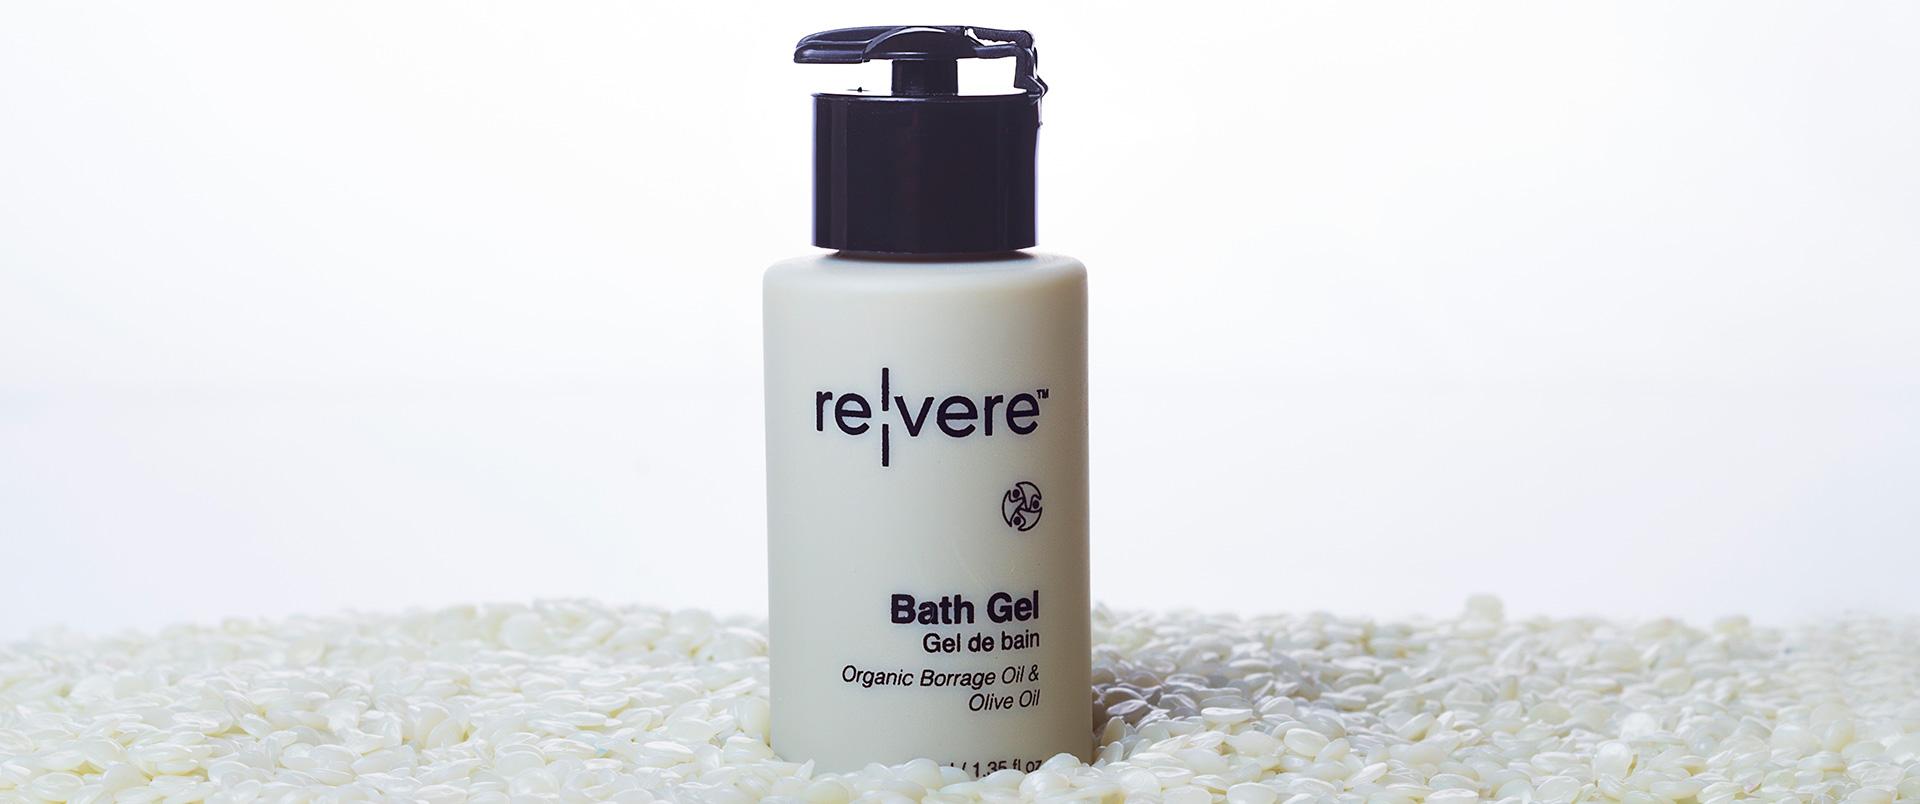 Bath gel